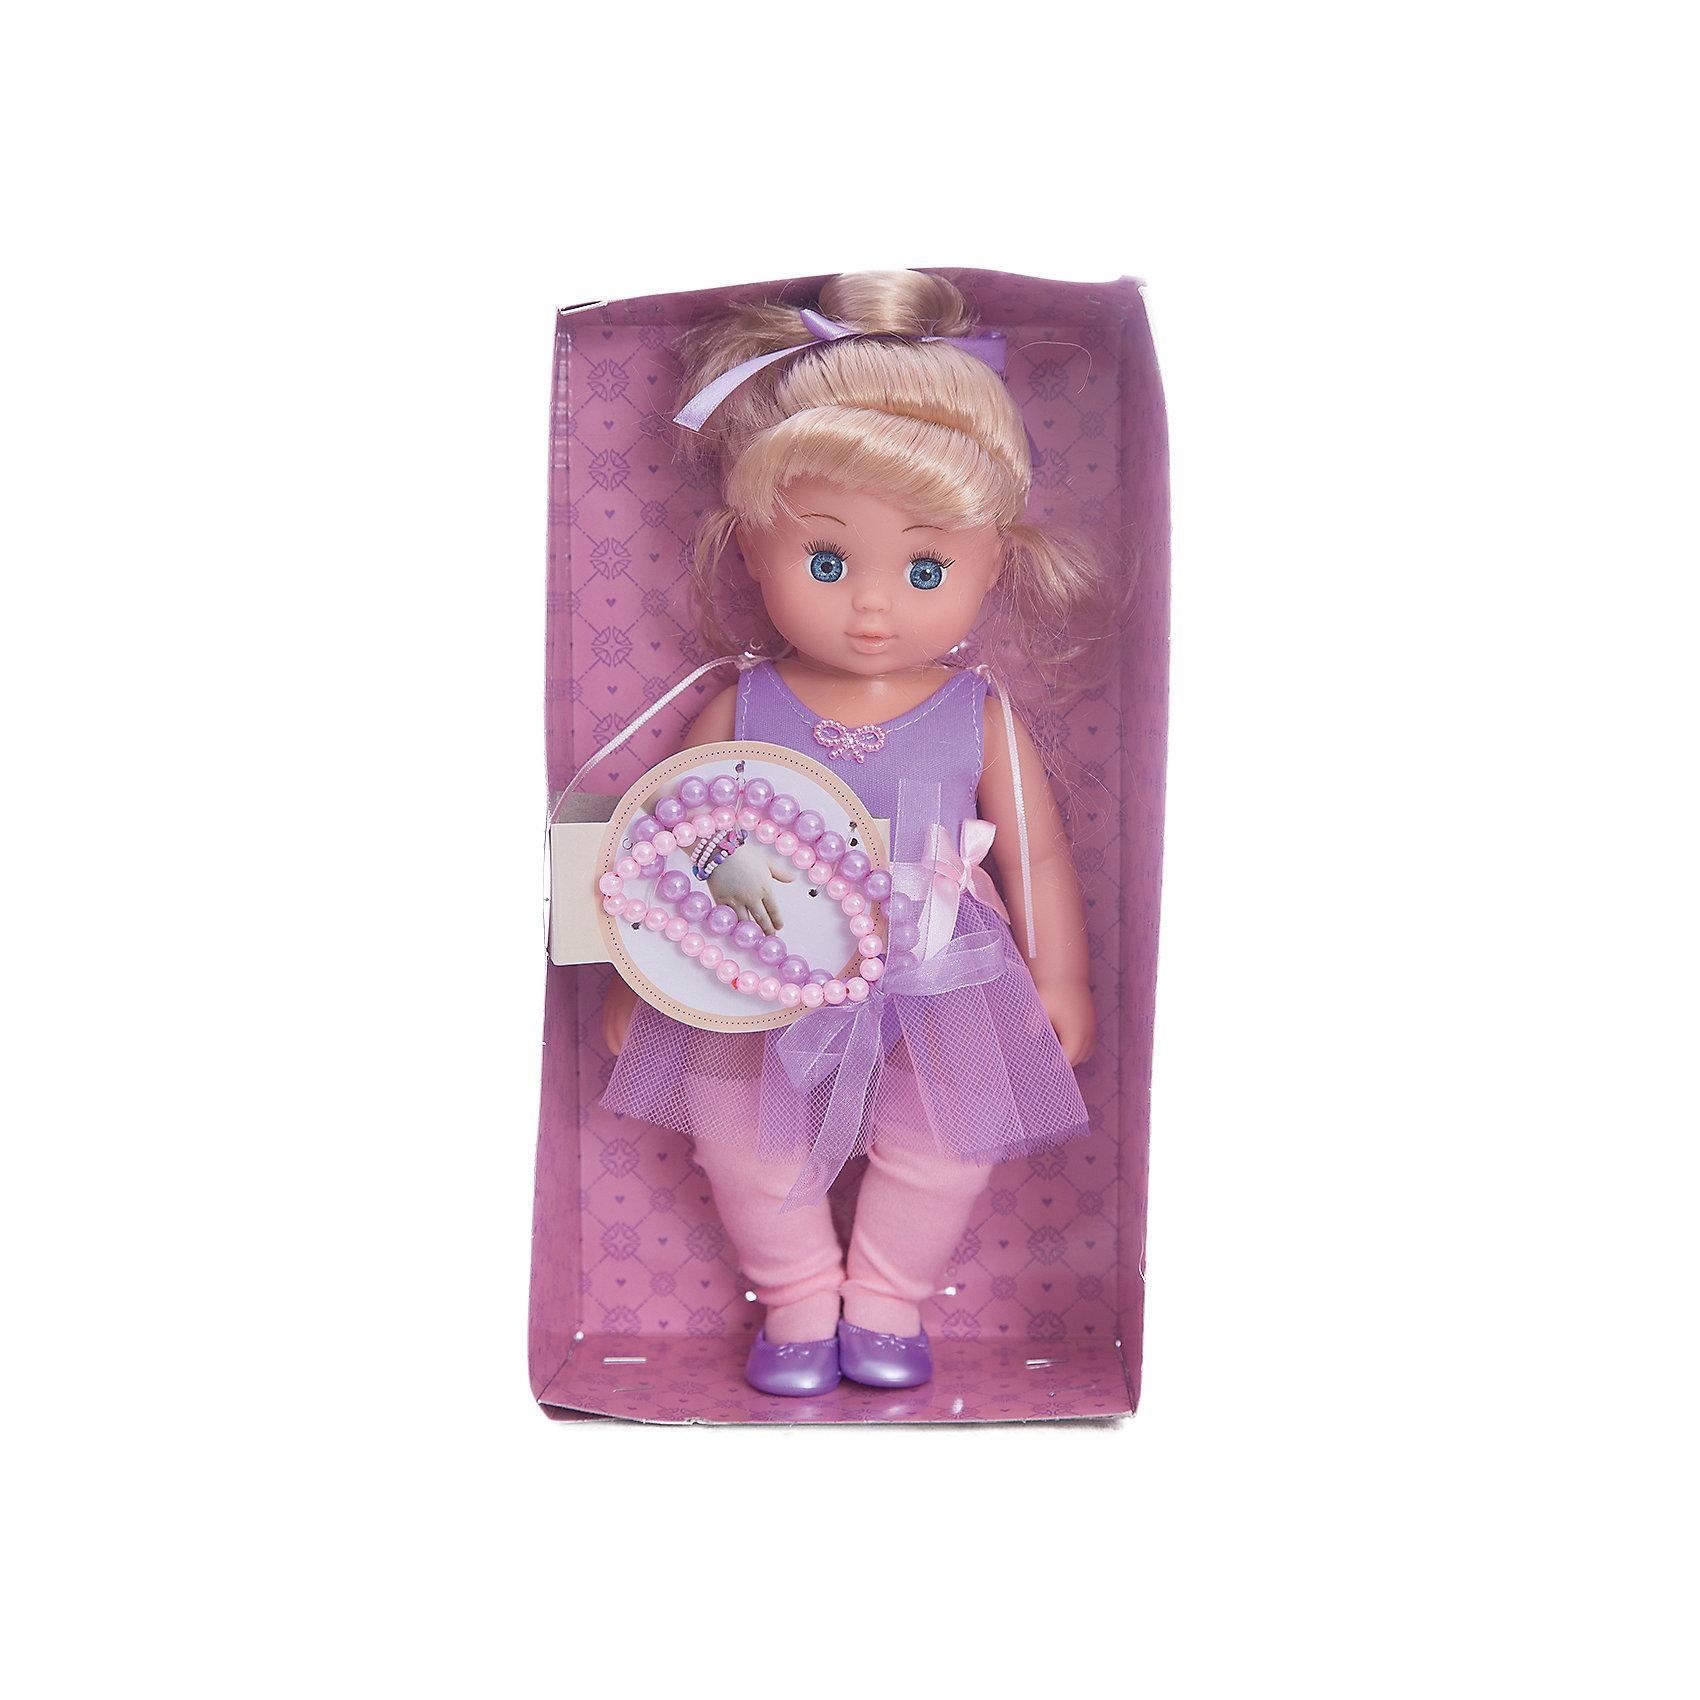 Кукла Диана Маленькая леди, Mary PoppinsКлассические куклы<br>Кукла Диана Маленькая леди, Mary Poppins.<br><br>Характеристики:<br><br>• Комплектация: кукла, 2 браслета<br>• Высота куклы: 9 см.<br>• Материал: ПВХ, пластик, текстиль<br>• Размер упаковки: 16х8х29 см.<br><br>Кукла Диана из серии Маленькая леди от фирмы Mary Poppins очарует маленьких девочек. У куклы светло-голубые глазки, красивая прическа и умилительное выражение лица. Она одета в элегантное фиолетовое платье. Диана выглядит как настоящая леди. Вместе с ней в комплект входит 2 браслета из бусинок, которые юная обладательница куклы может носить на руке. Глазки у куклы не закрываются. Кукла изготовлена из пластика и ПВХ.<br><br>Куклу Диана Маленькая леди, Mary Poppins можно купить в нашем интернет-магазине.<br><br>Ширина мм: 160<br>Глубина мм: 85<br>Высота мм: 300<br>Вес г: 365<br>Возраст от месяцев: 24<br>Возраст до месяцев: 2147483647<br>Пол: Женский<br>Возраст: Детский<br>SKU: 5402751